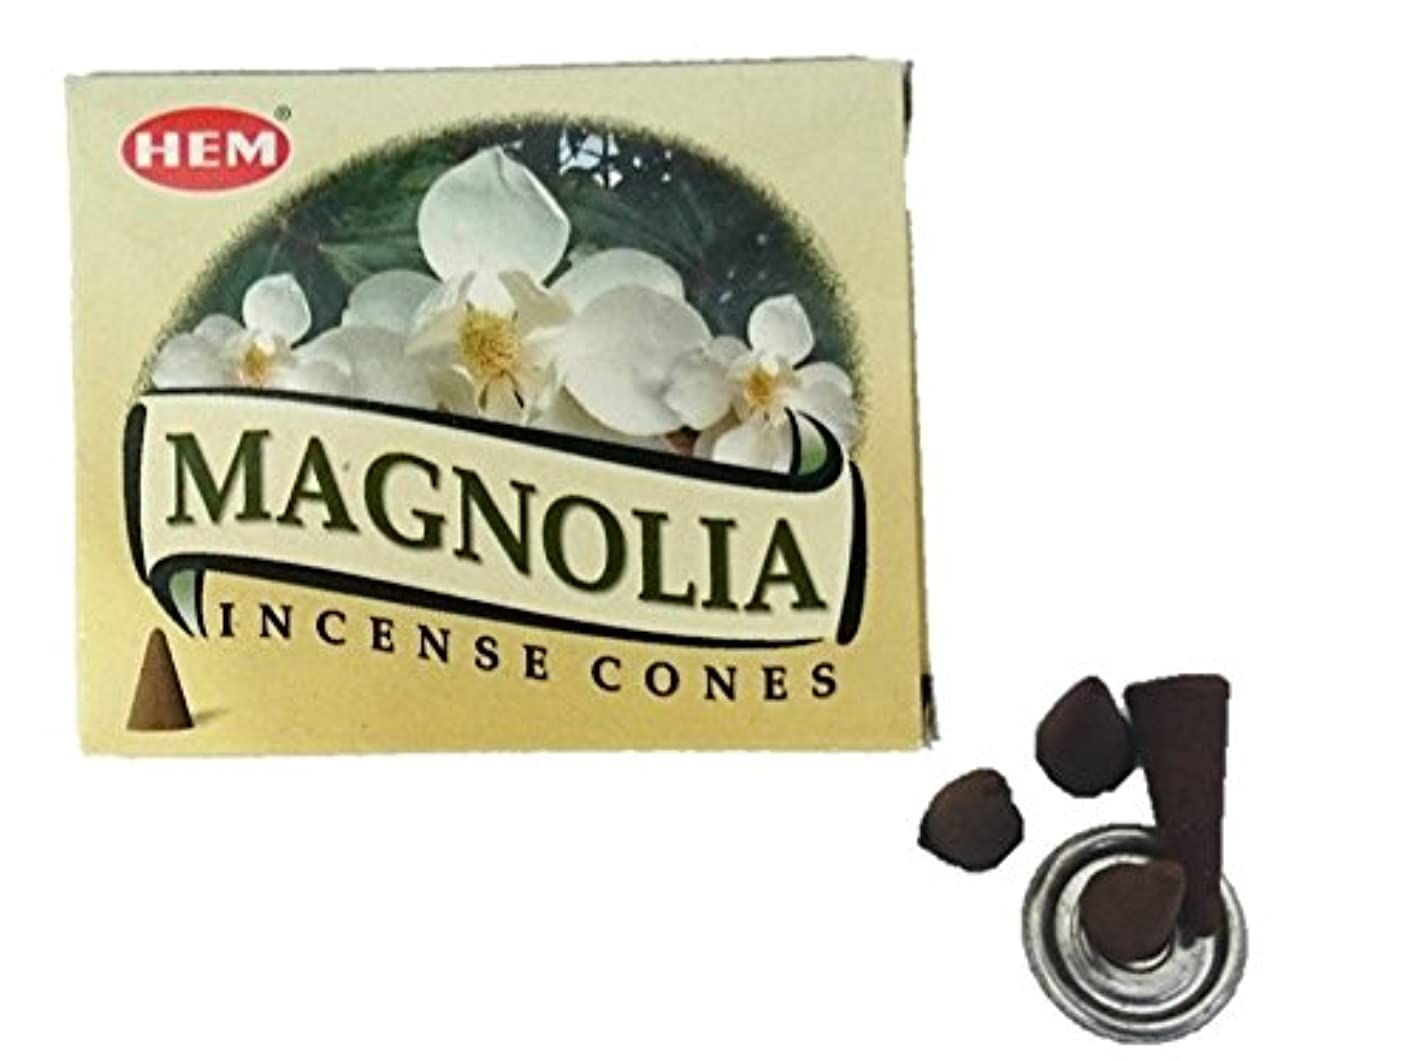 学んだブラウザマイクロプロセッサHEM(ヘム)お香 マグノリア コーン 1箱